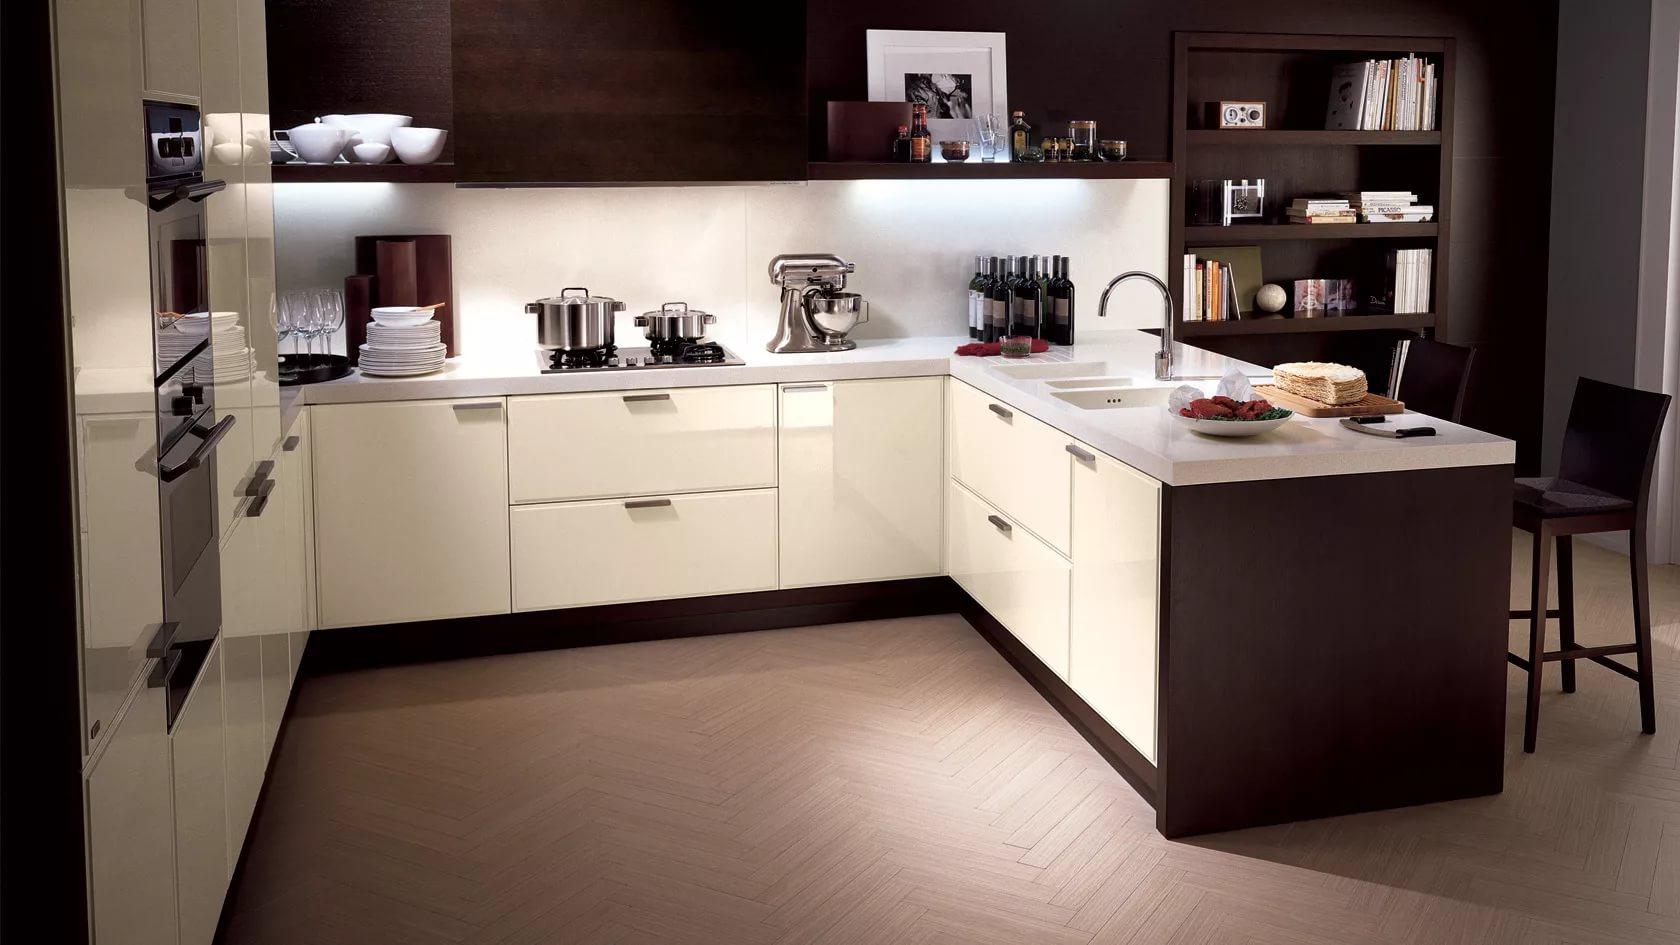 F- образная расстановка мебели в угловой кухне